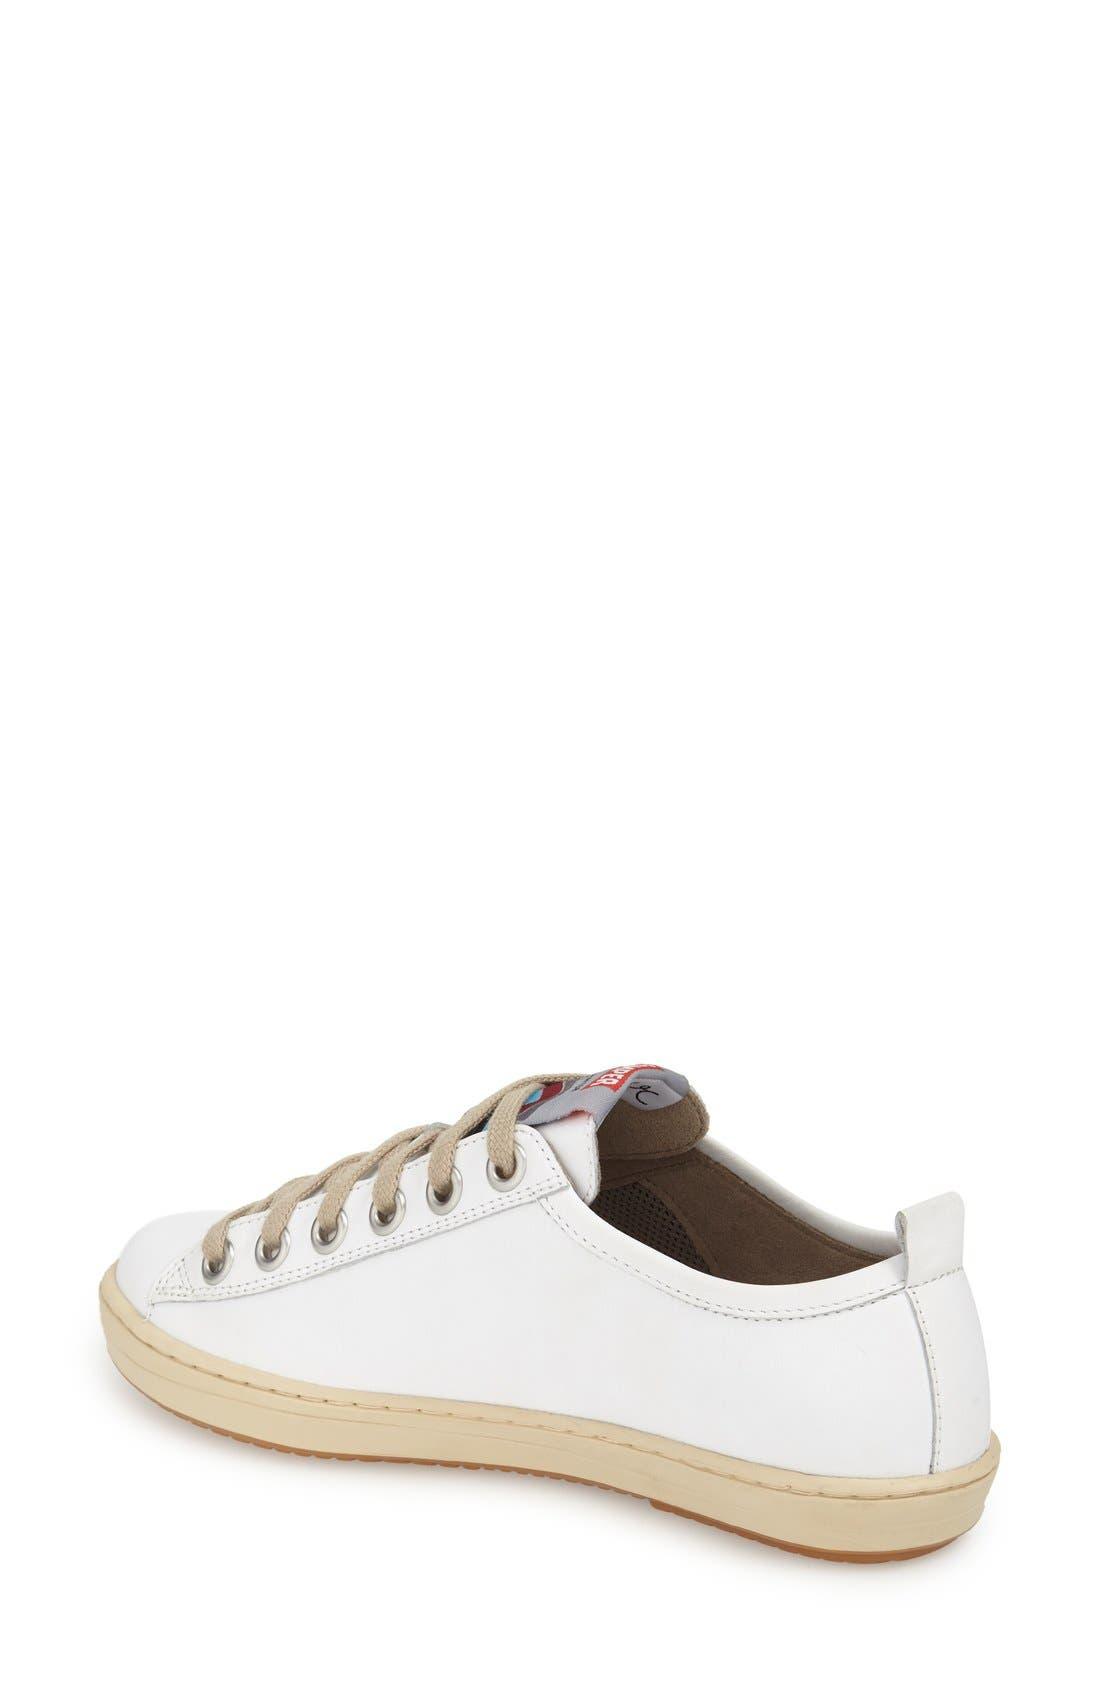 'Imar' Sneaker,                             Alternate thumbnail 3, color,                             100